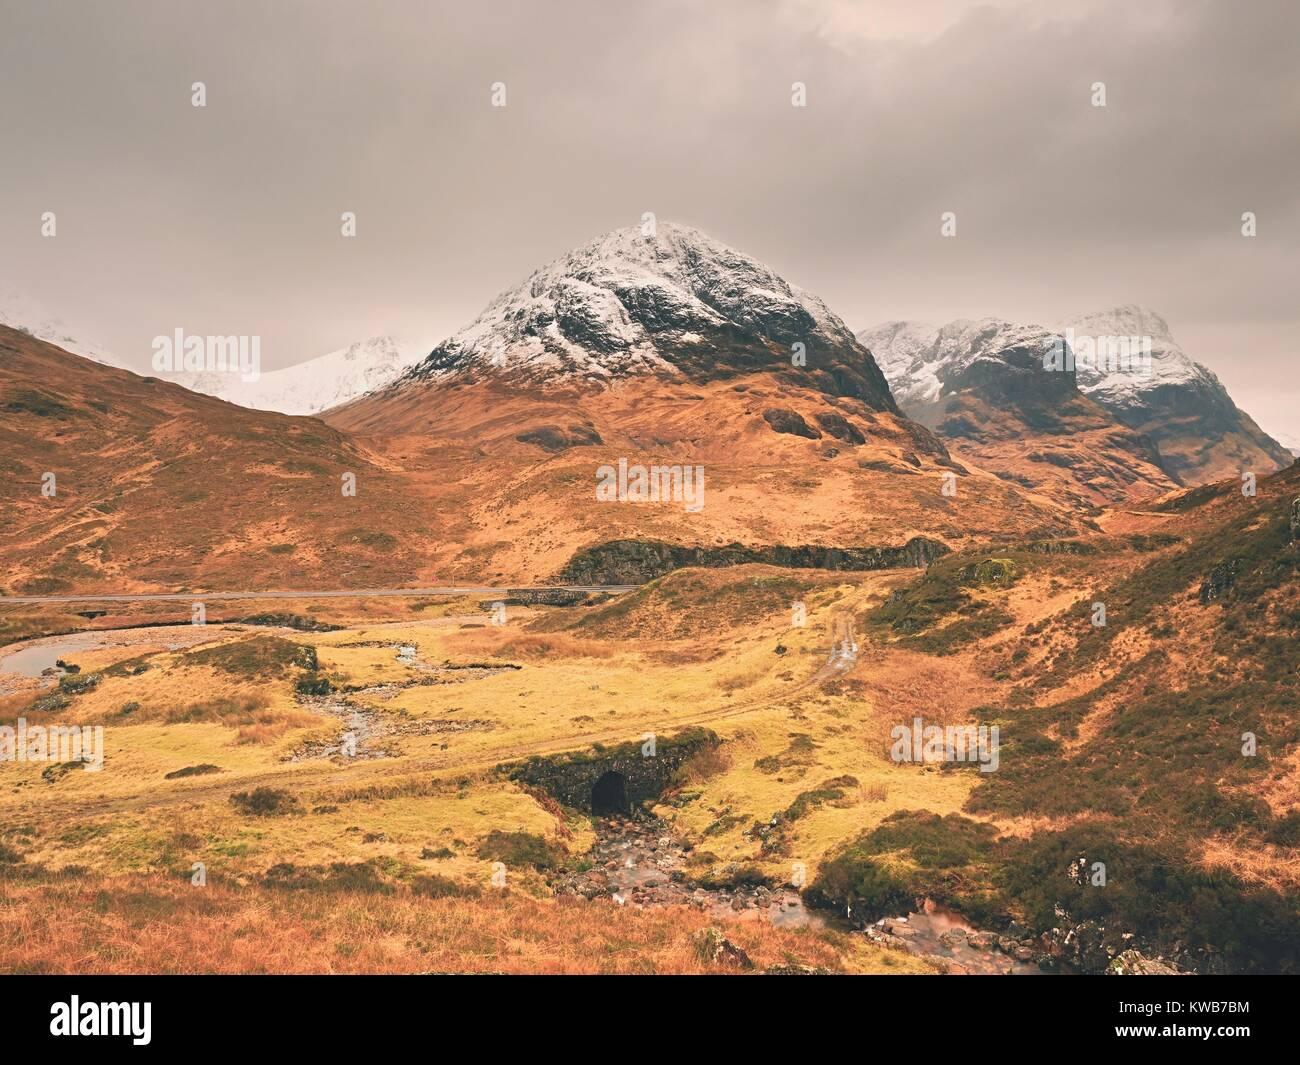 Die grobe Gebirgsbach in den Bergen. Snowy Kegel der Berg in den Wolken. Trockenes Gras und Heather Büschen Stockbild